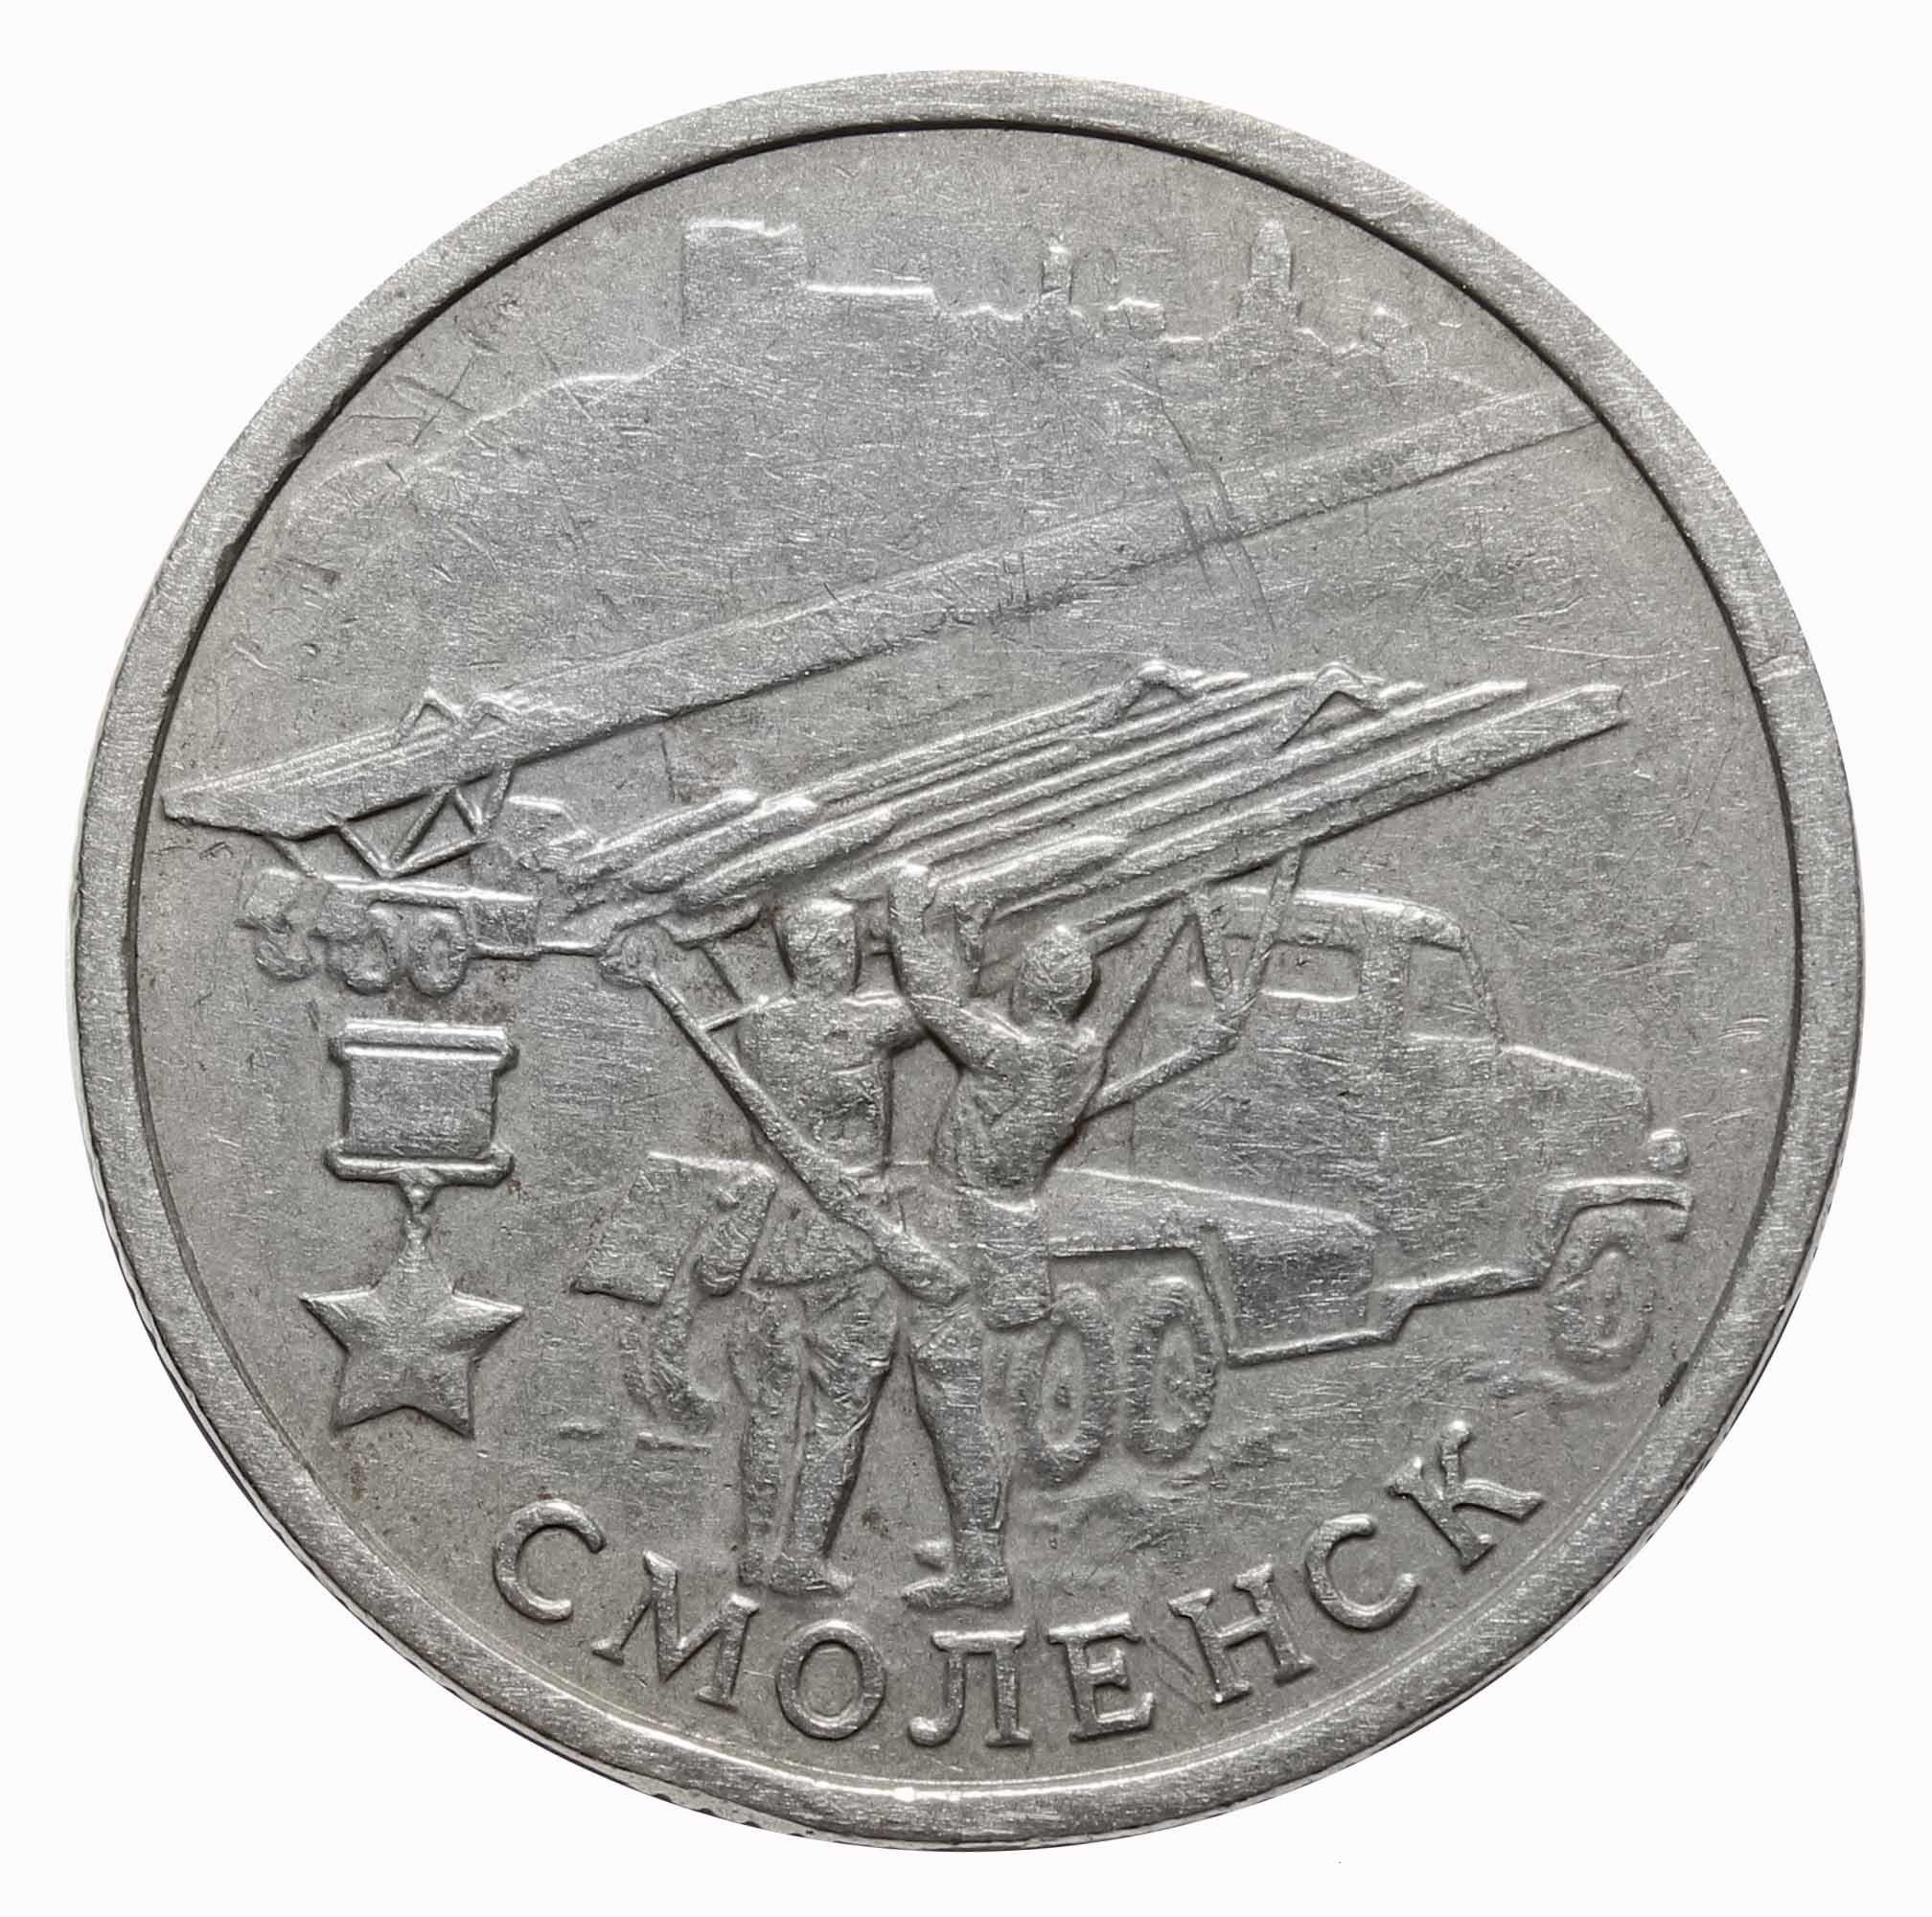 2 рубля 2000 г. Смоленск. Серия: Города-Герои. XF-AU